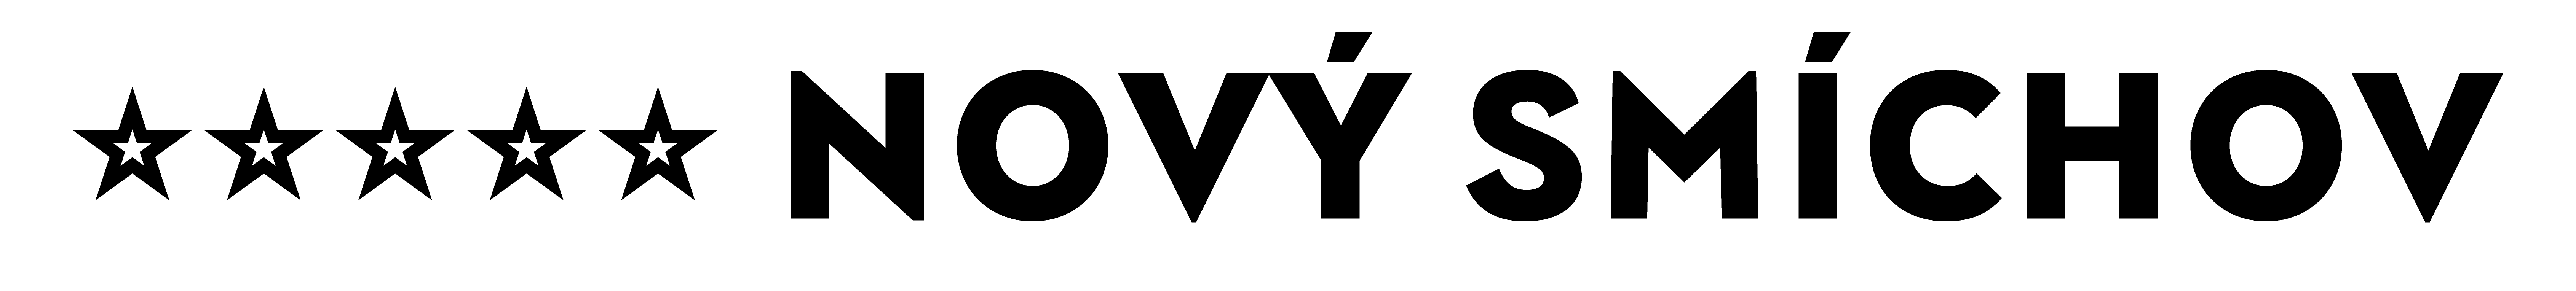 nov-sm-chov-6